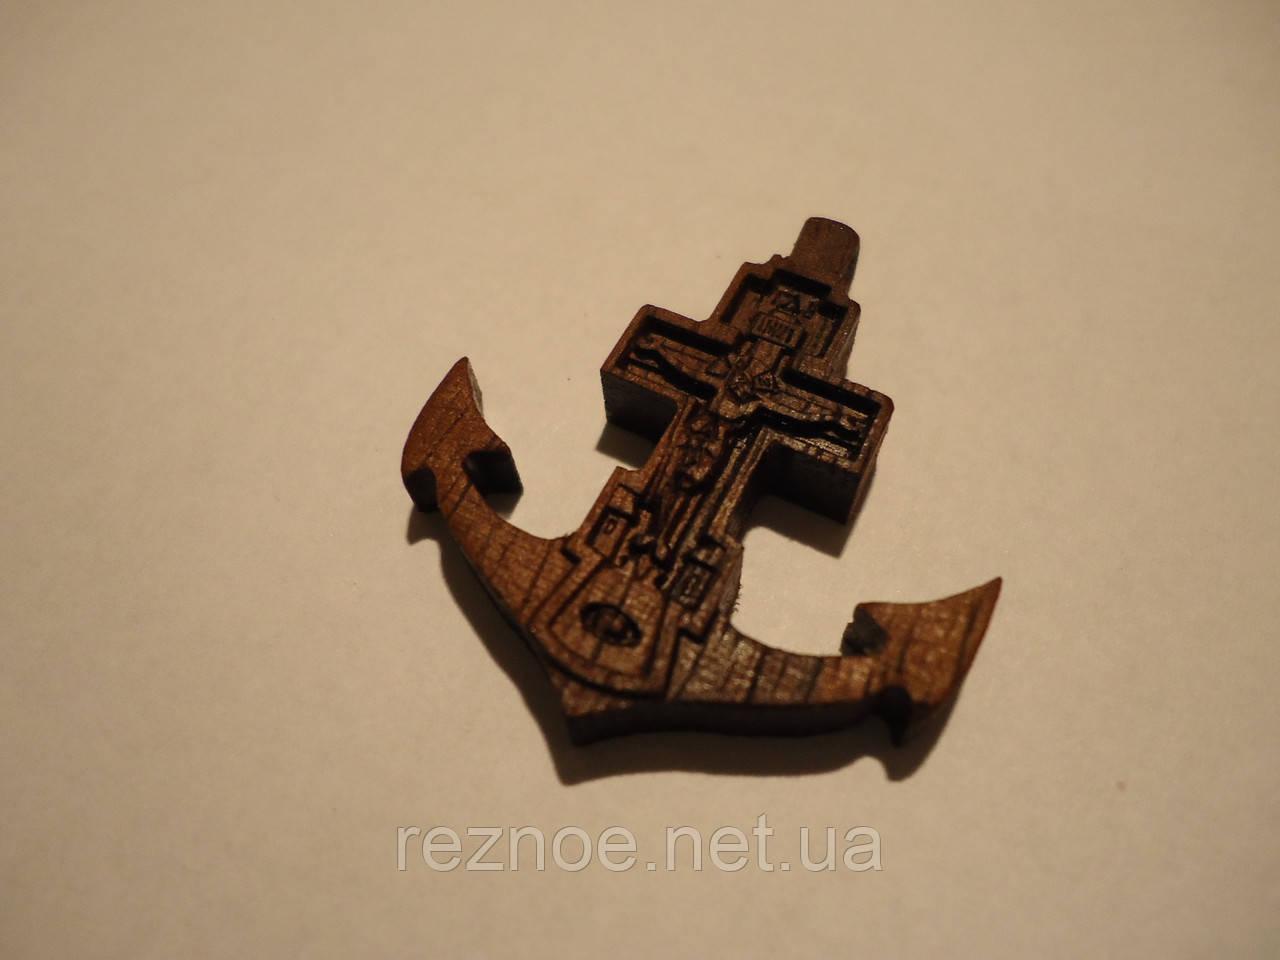 Крест нательный (якорь)